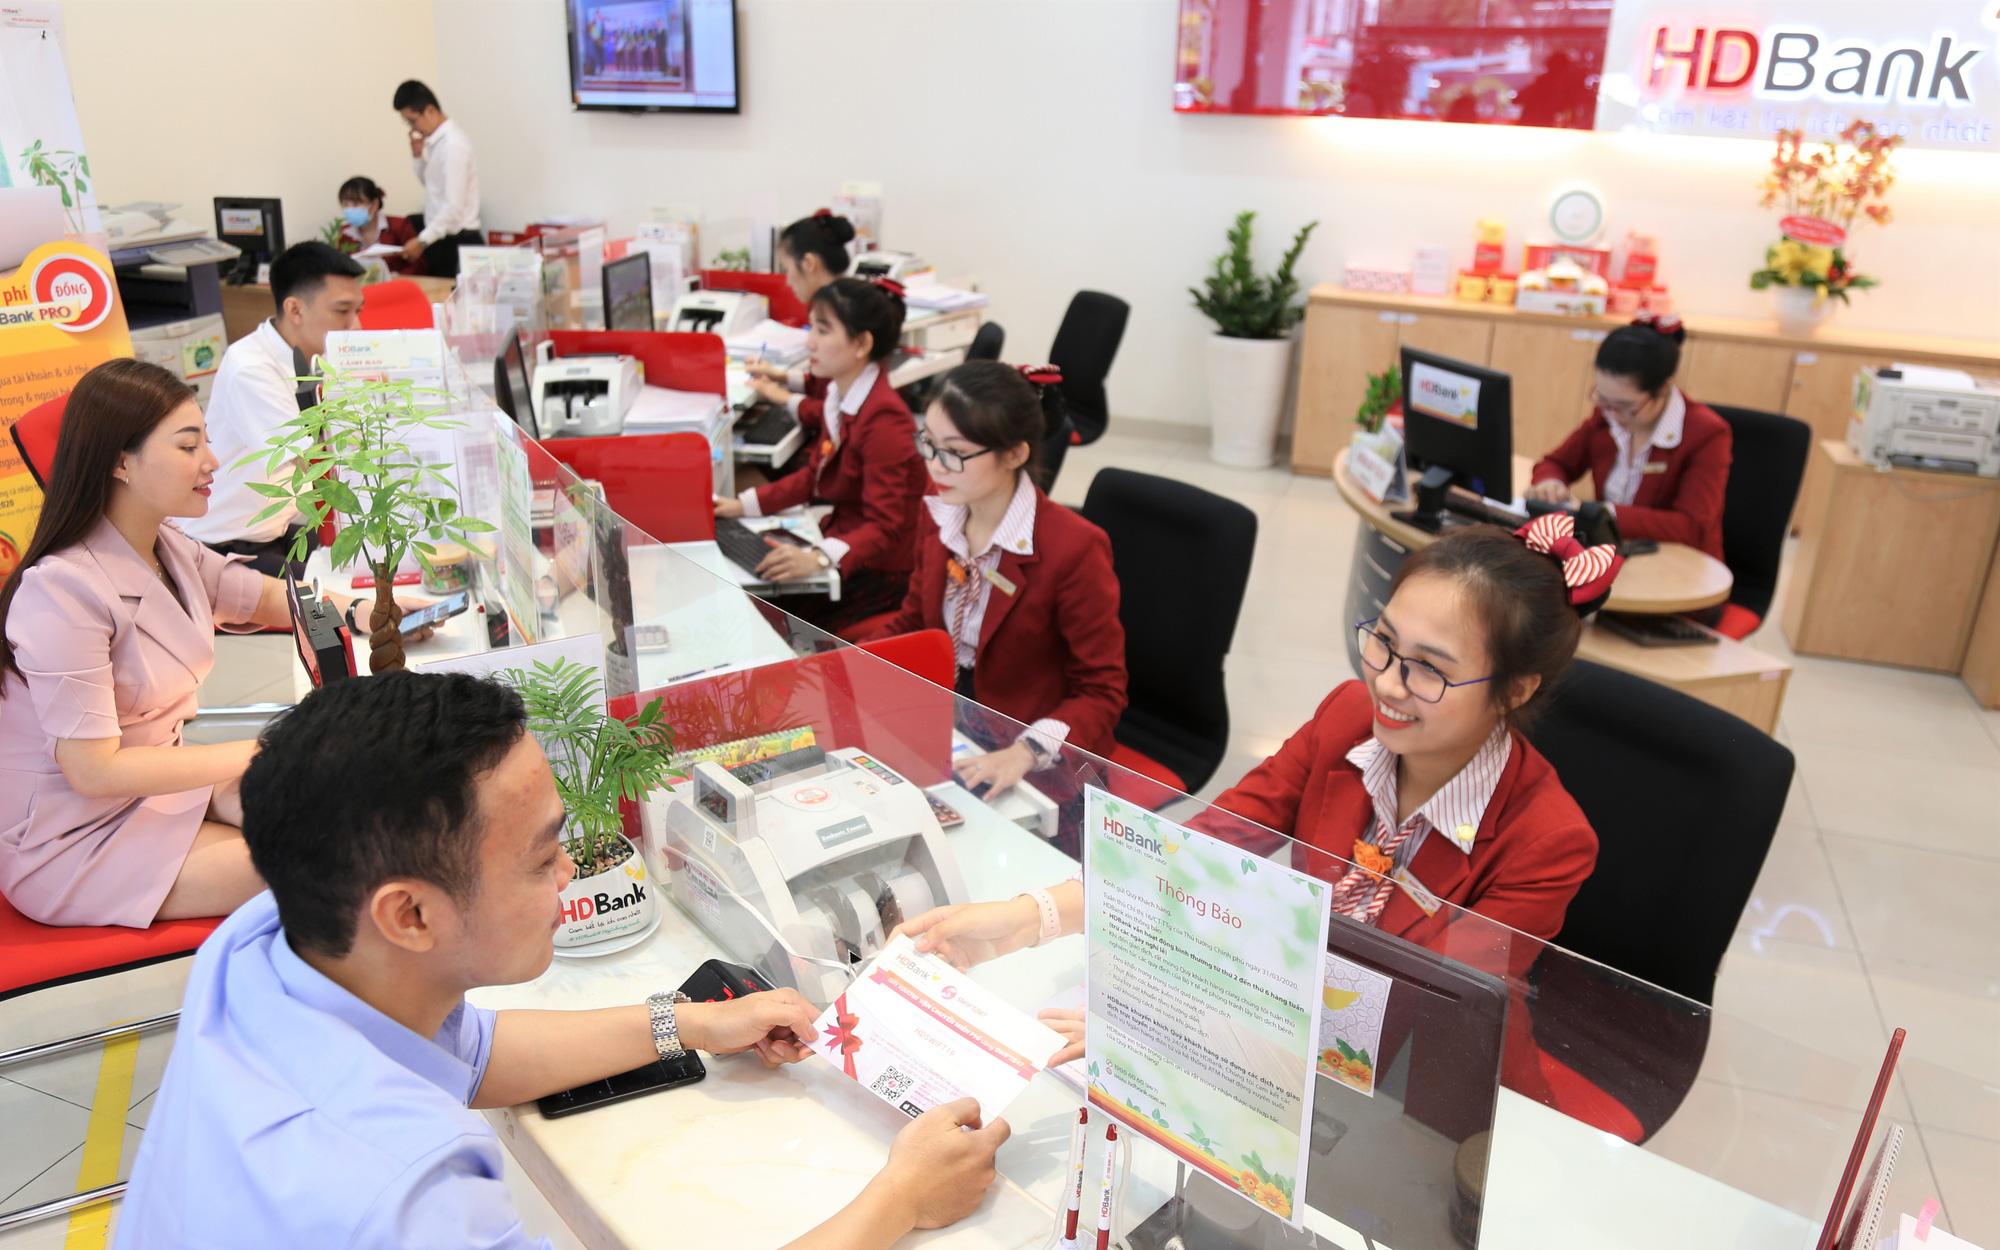 HDBank tung hàng loạt ưu đãi khủng khi thanh toán trực tuyến